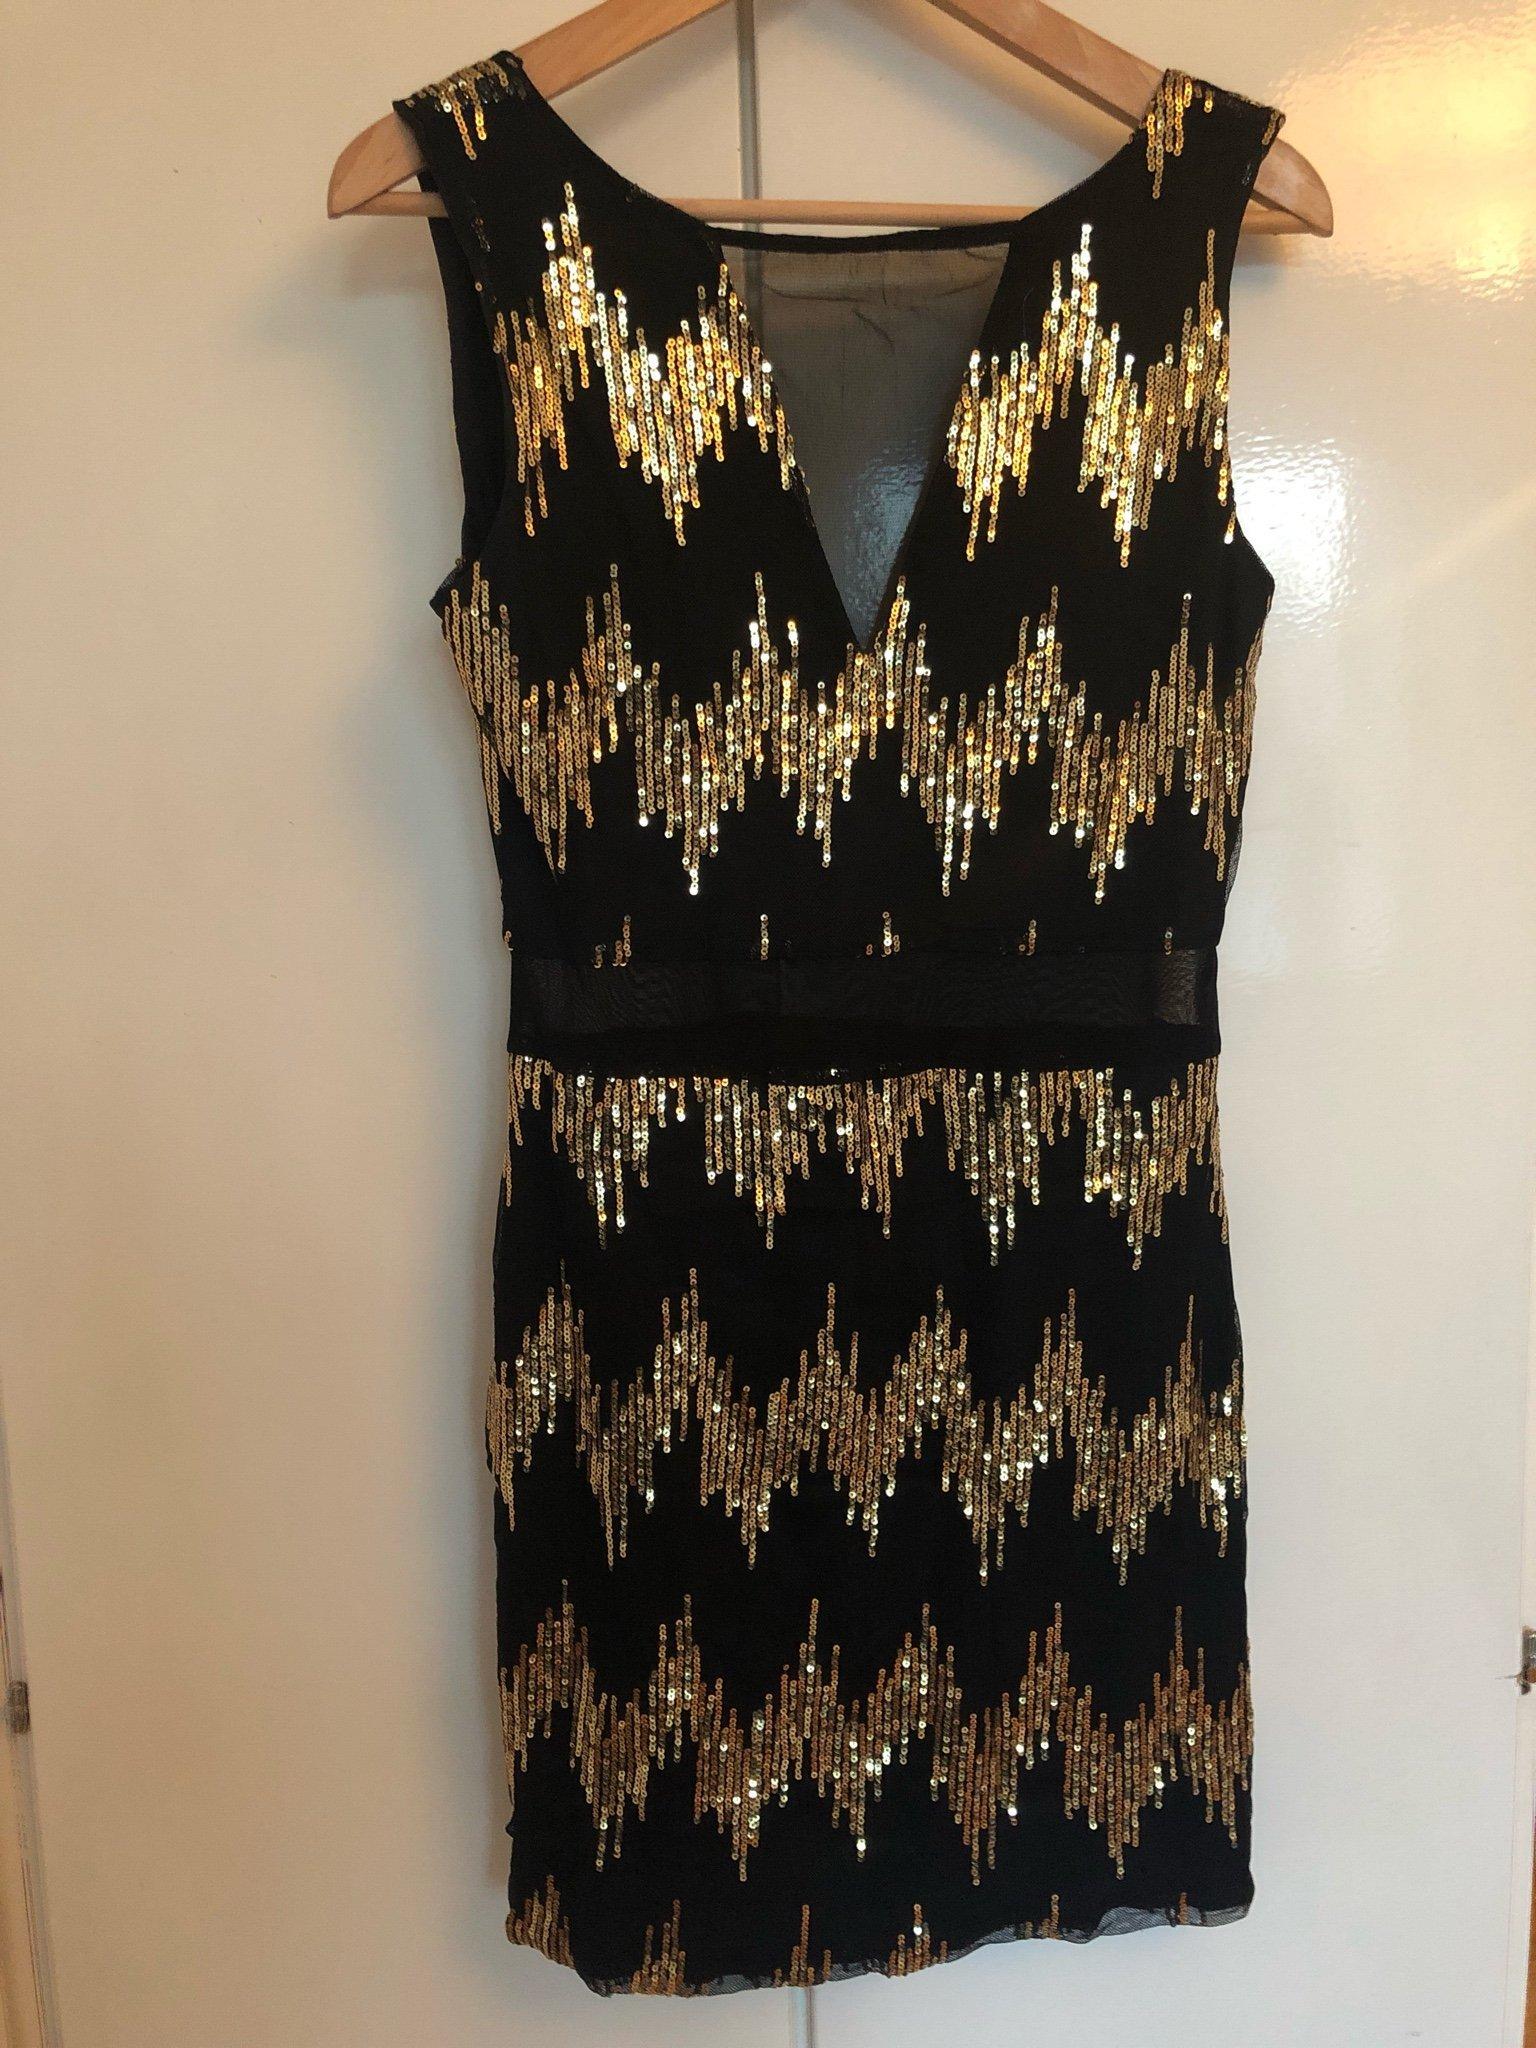 5bb545cedec6 Paljettklänning i svart och guld (347182370) ᐈ Köp på Tradera